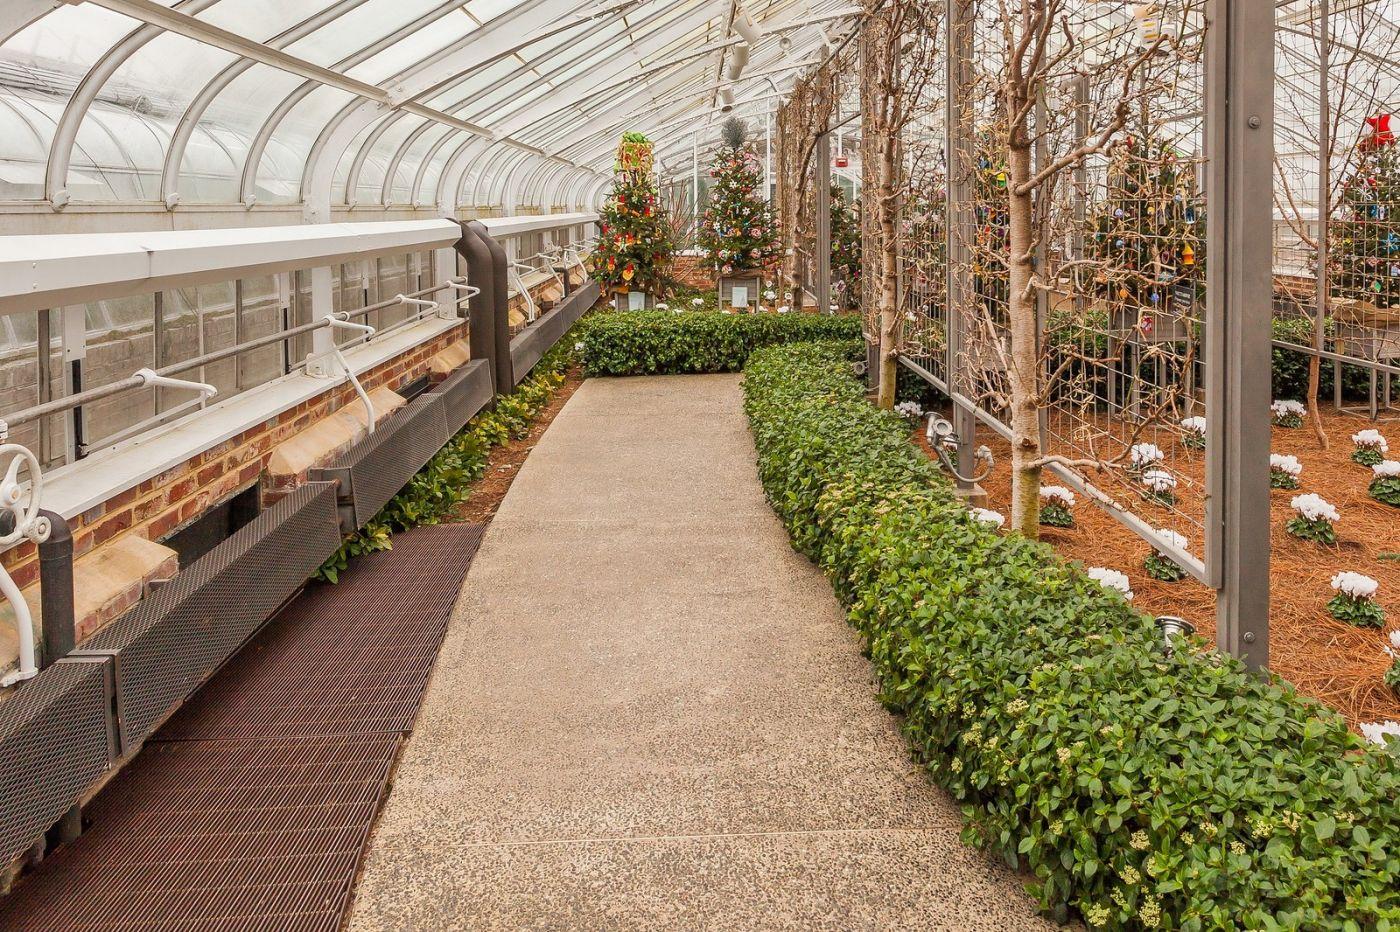 宾州长木公园,室内花园美如画_图1-26